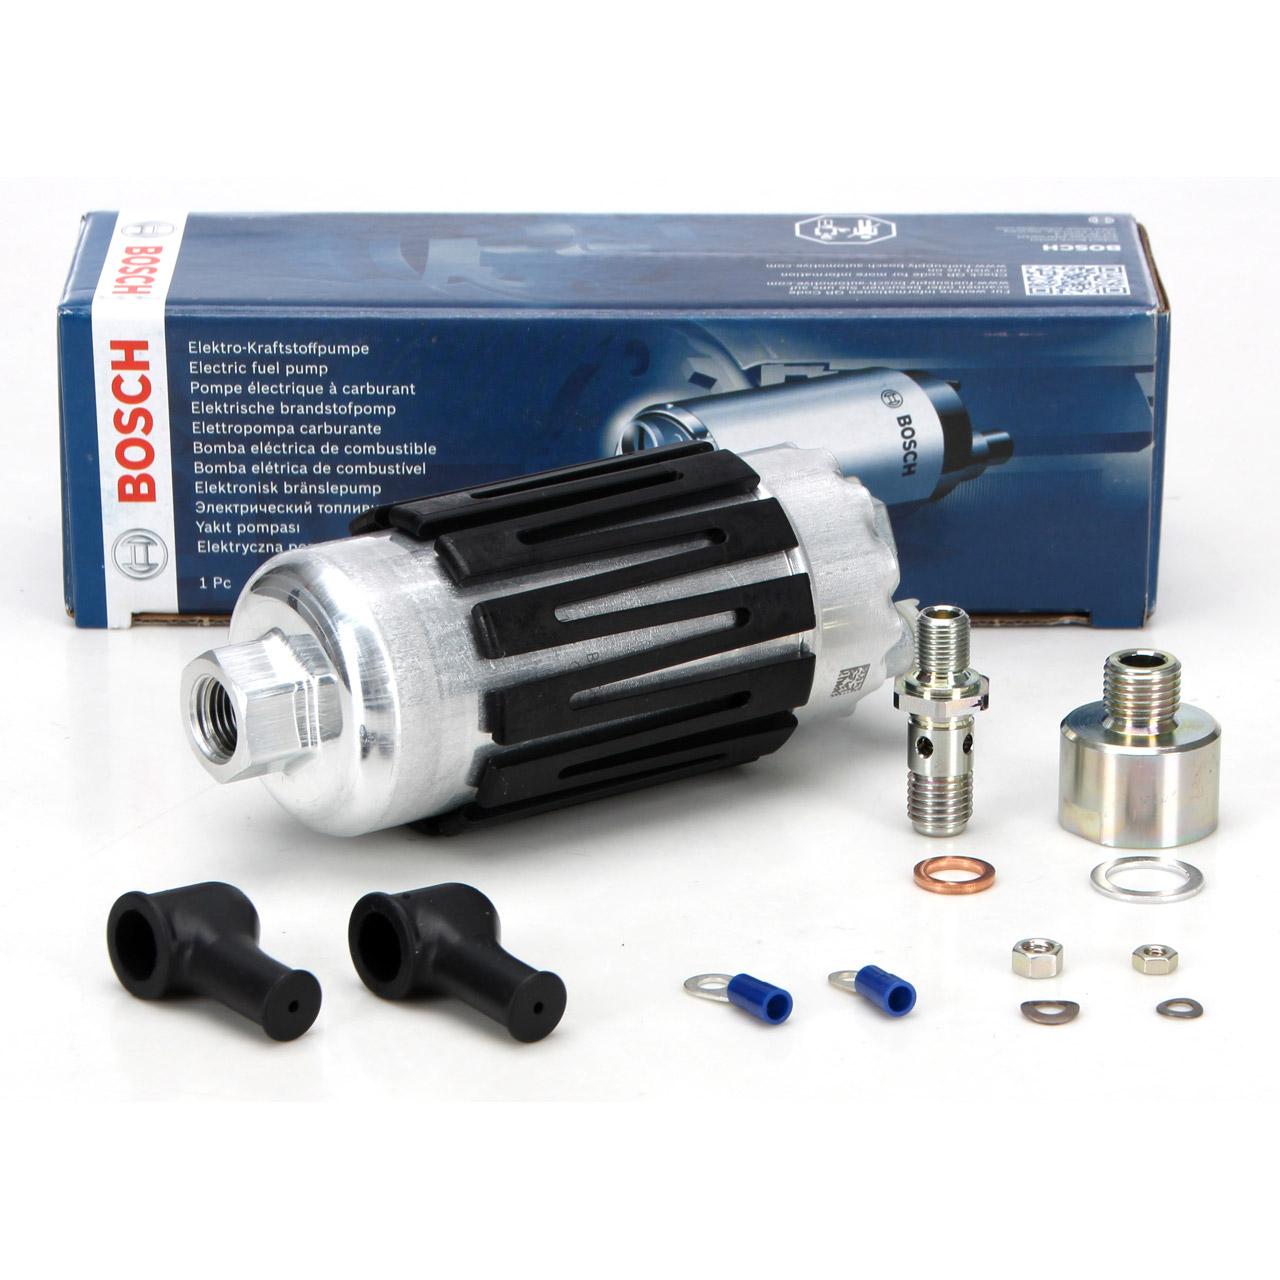 BOSCH 0580464200 Kraftstoffpumpe für PORSCHE 993 3.6 Carrera 272 / 286 PS